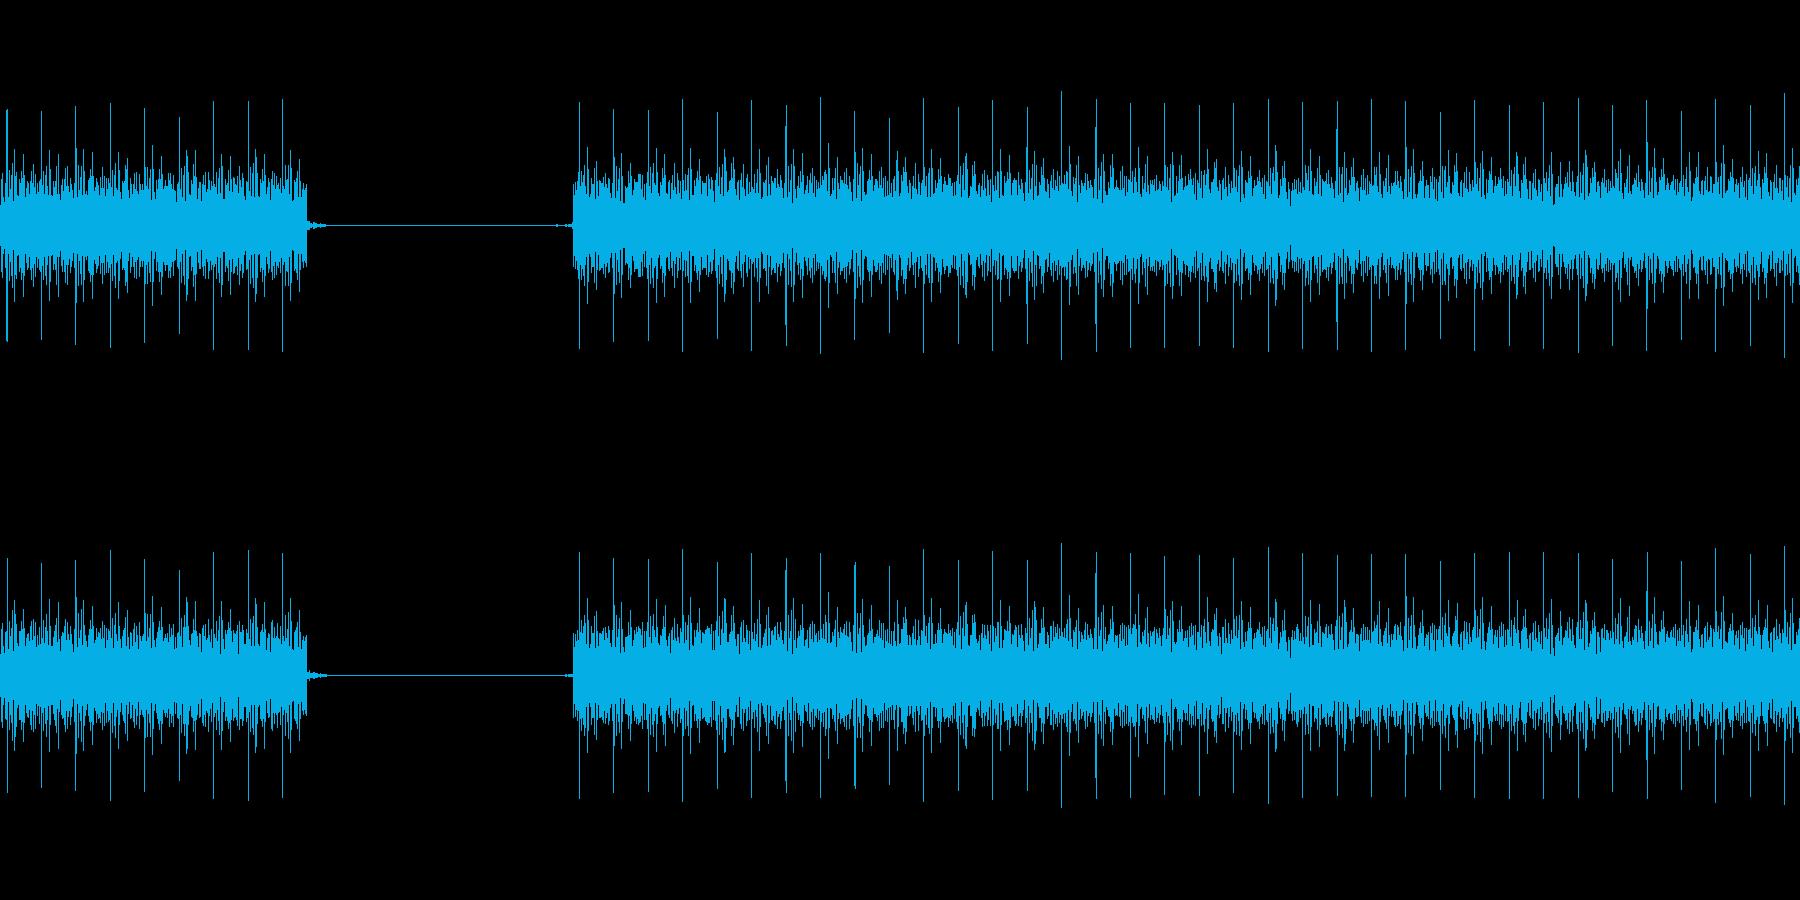 クイズ不正解音(ブブー)1の再生済みの波形